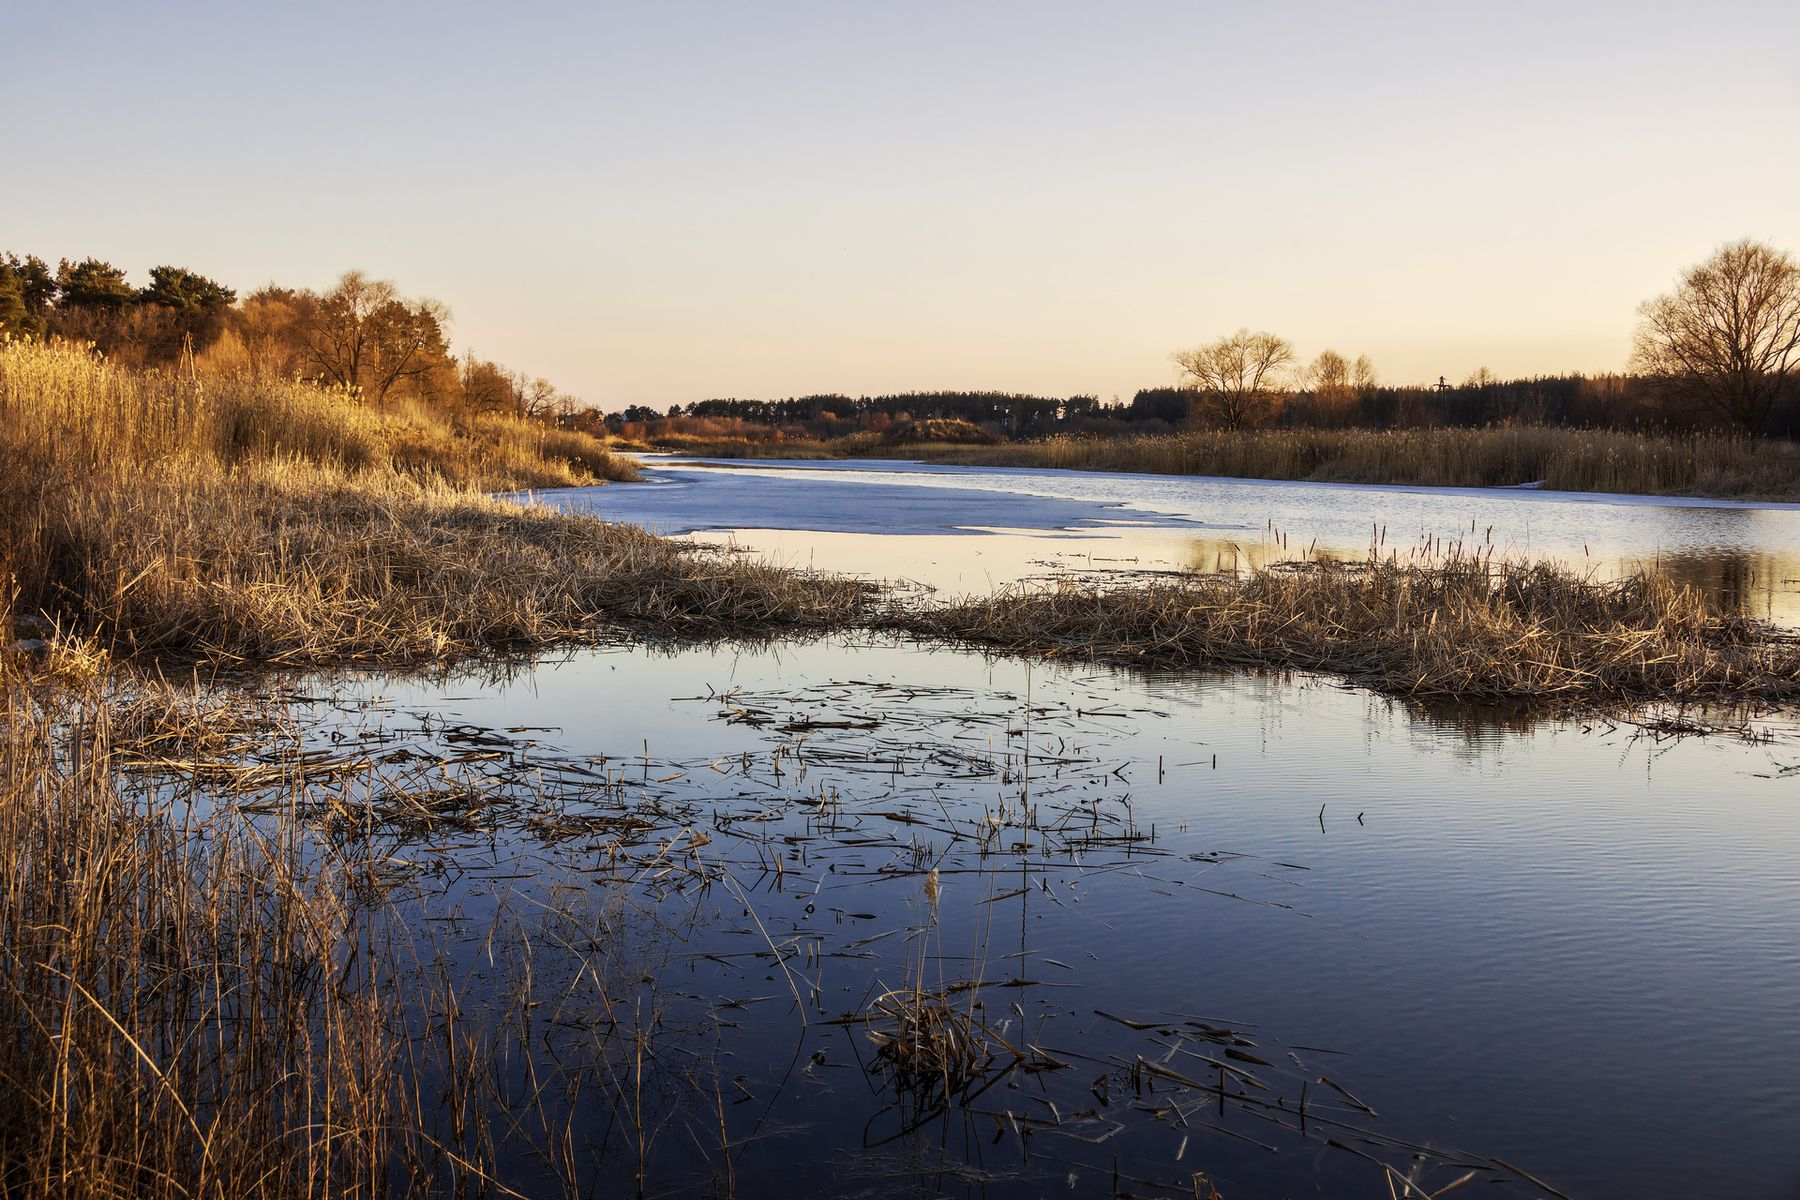 Вечерний свет на весенней реке пейзаж природа весна вечер река Усманка закат лес пригород Воронеж